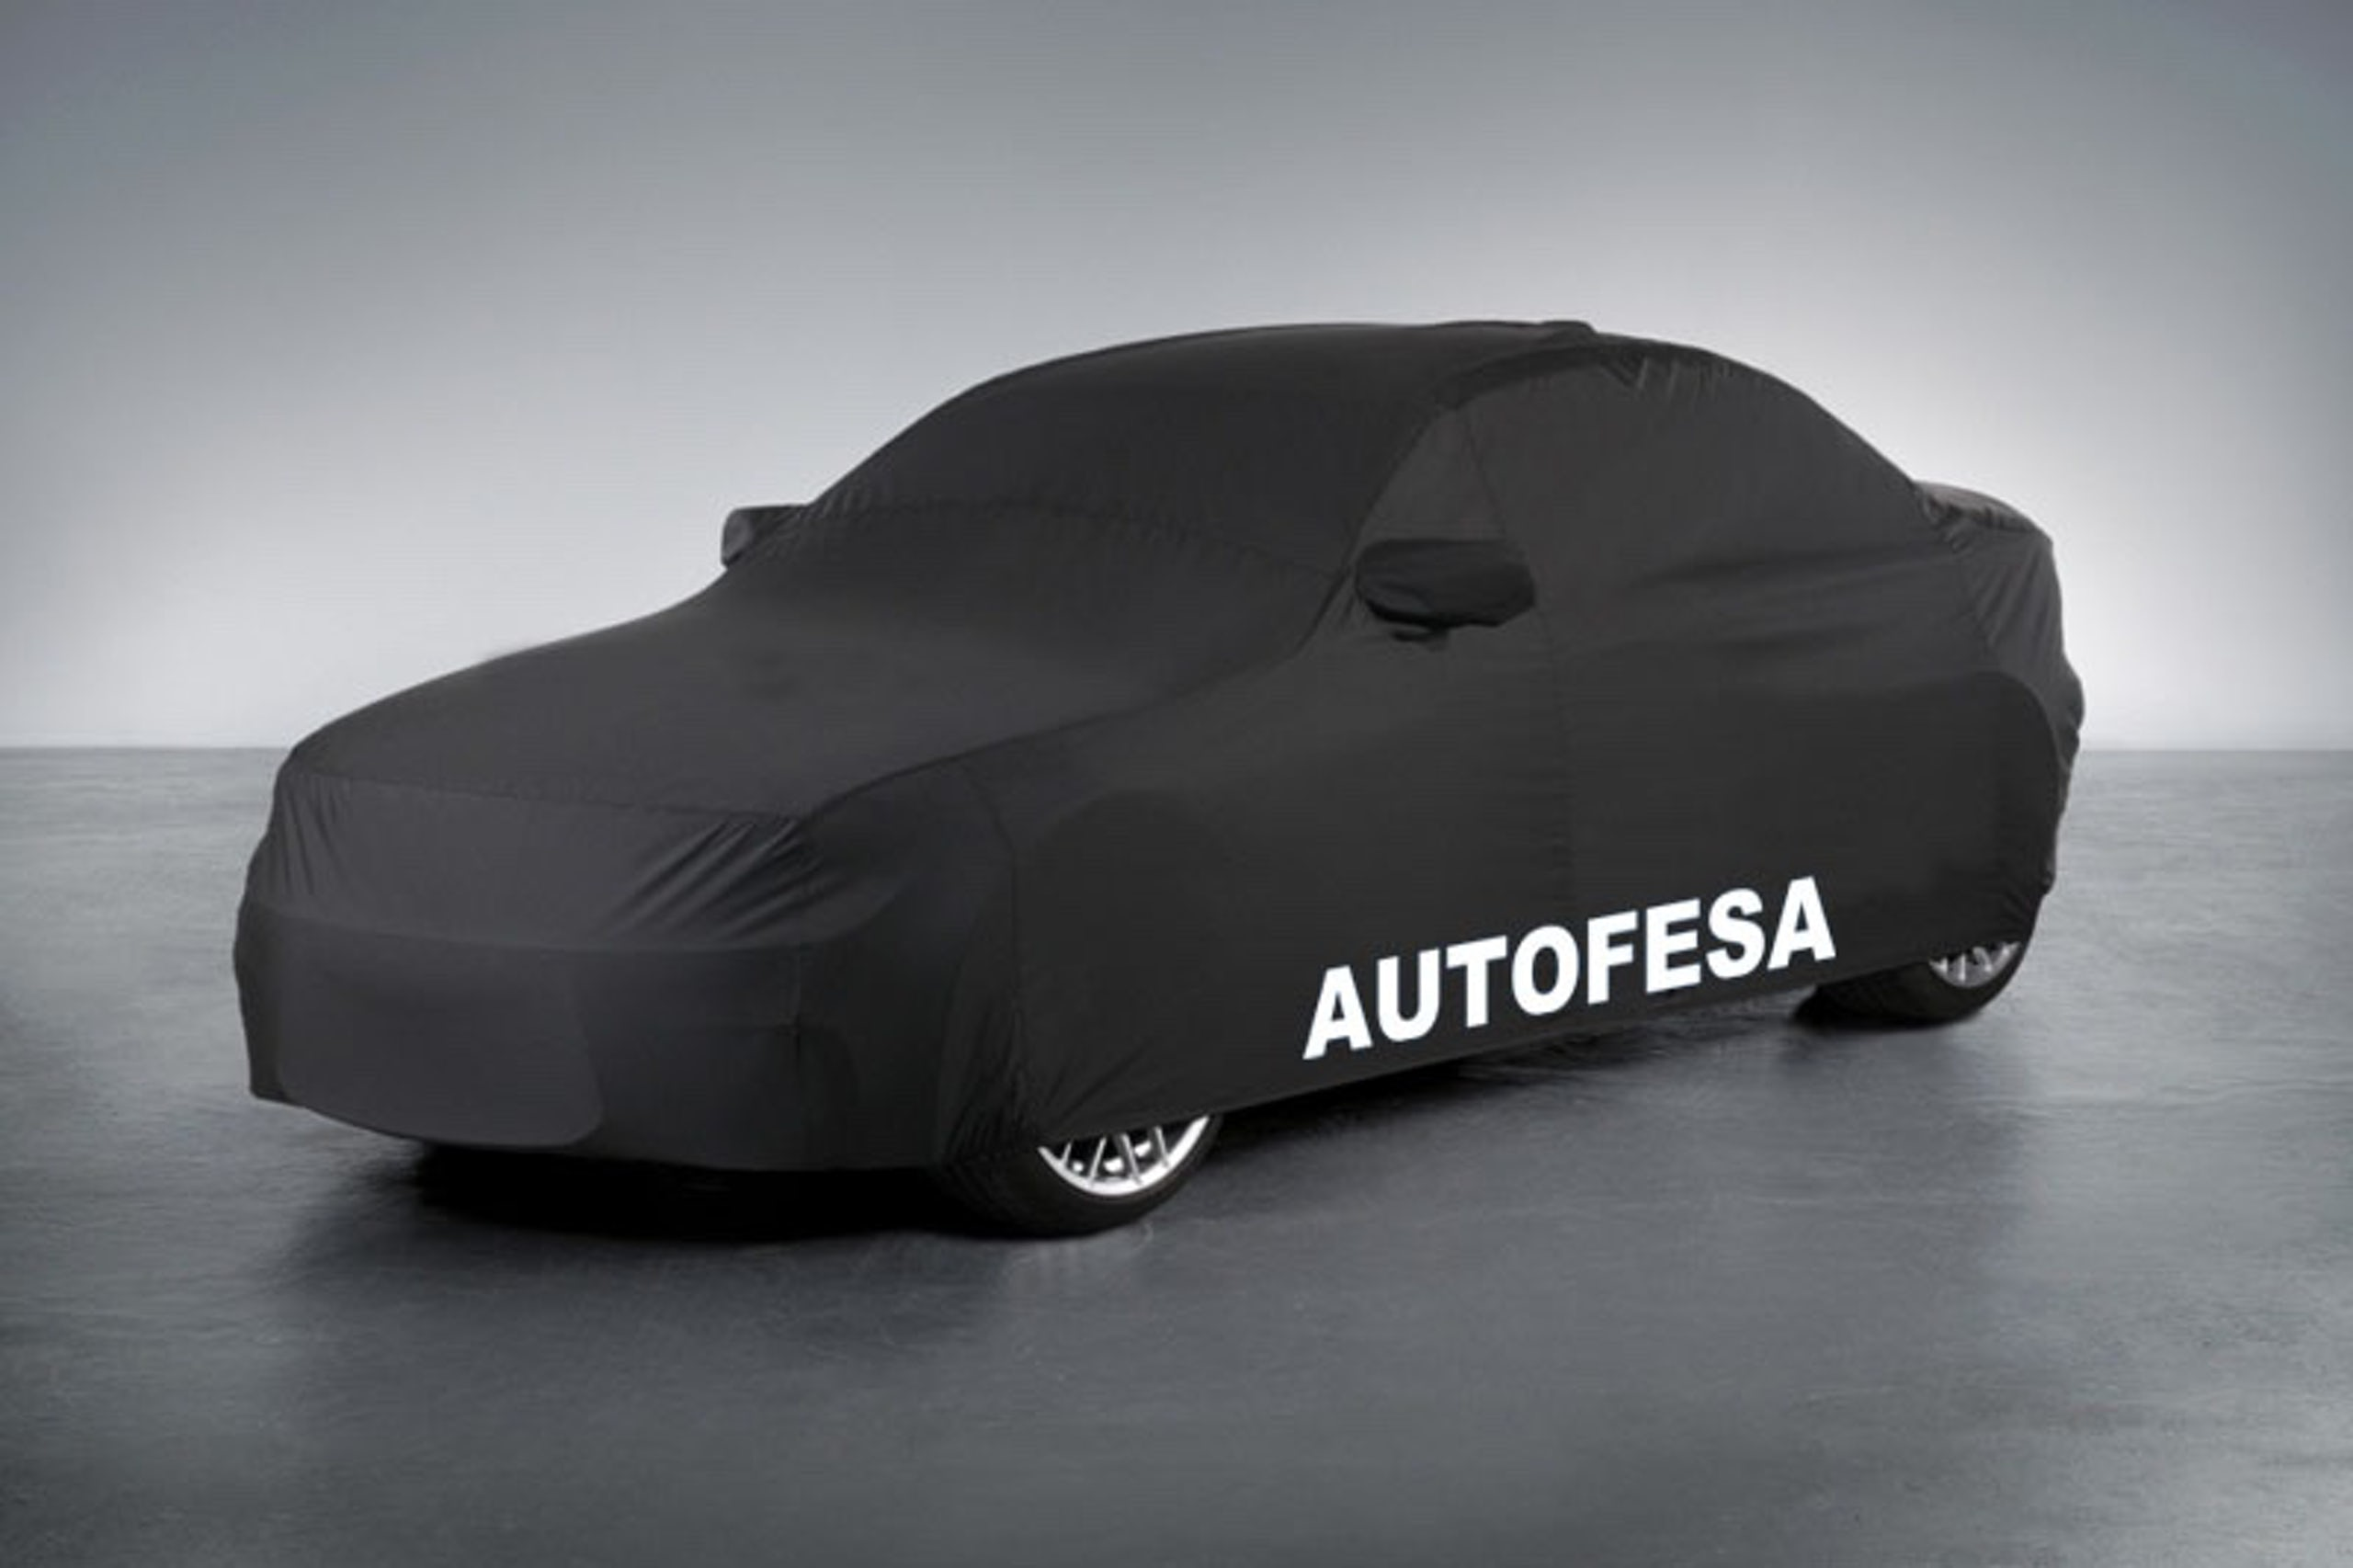 Fotos del Alfa Romeo Stelvio 2.2 DIESEL Q4 SUPER 210CV AUTO 4X4 5P Exterior 1